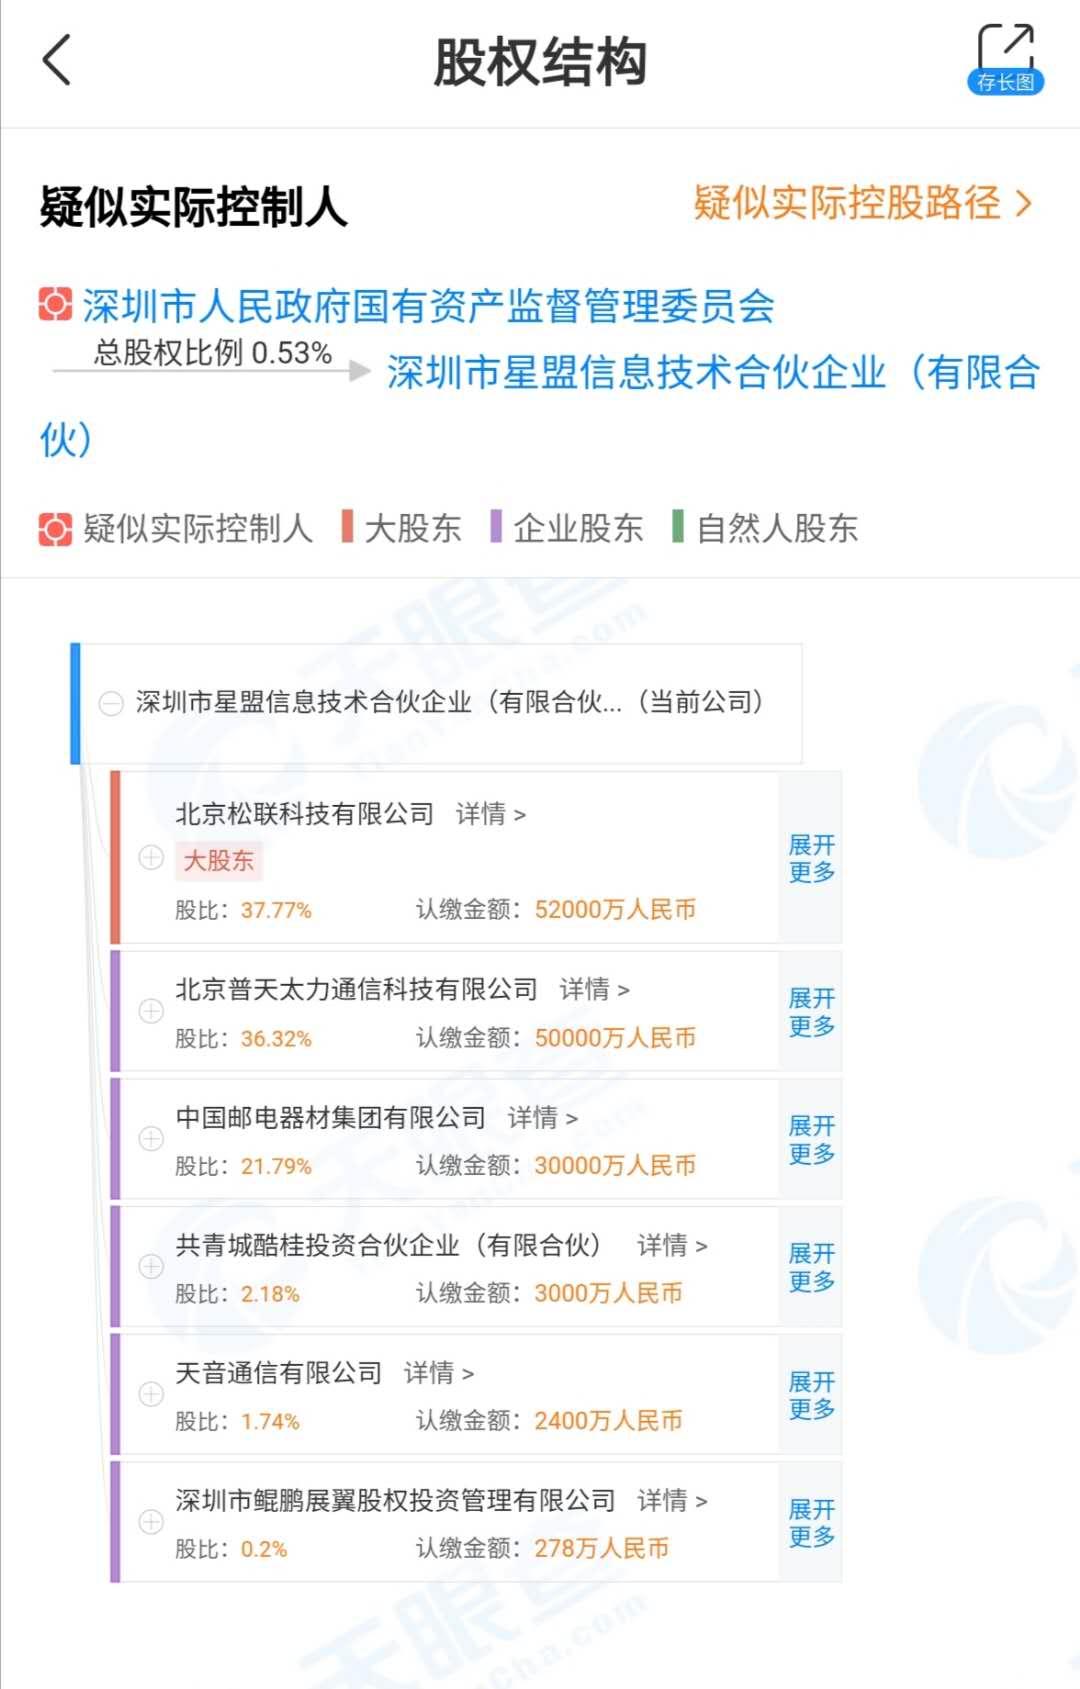 荣耀脱离华为日趋明朗 潜在收购方深圳星盟浮现